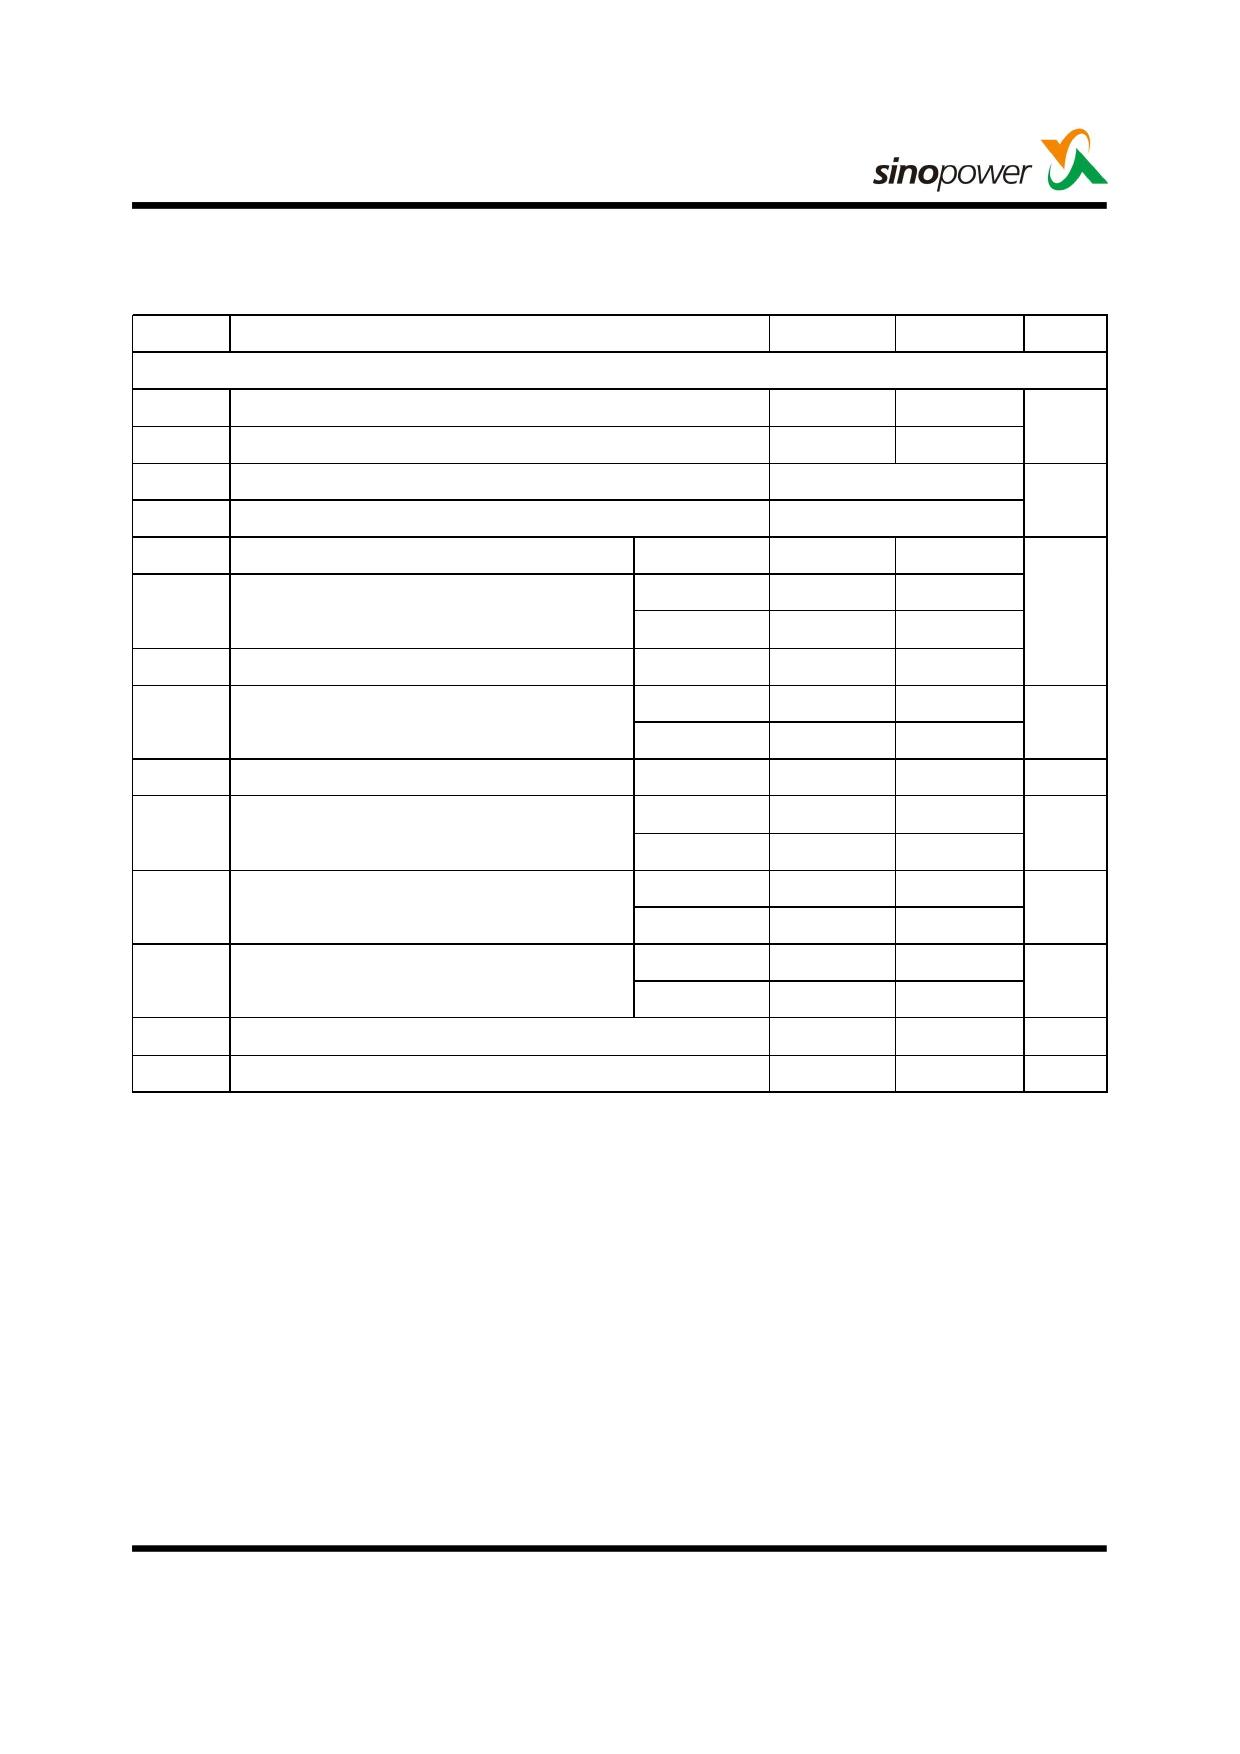 SM7304ESKP pdf